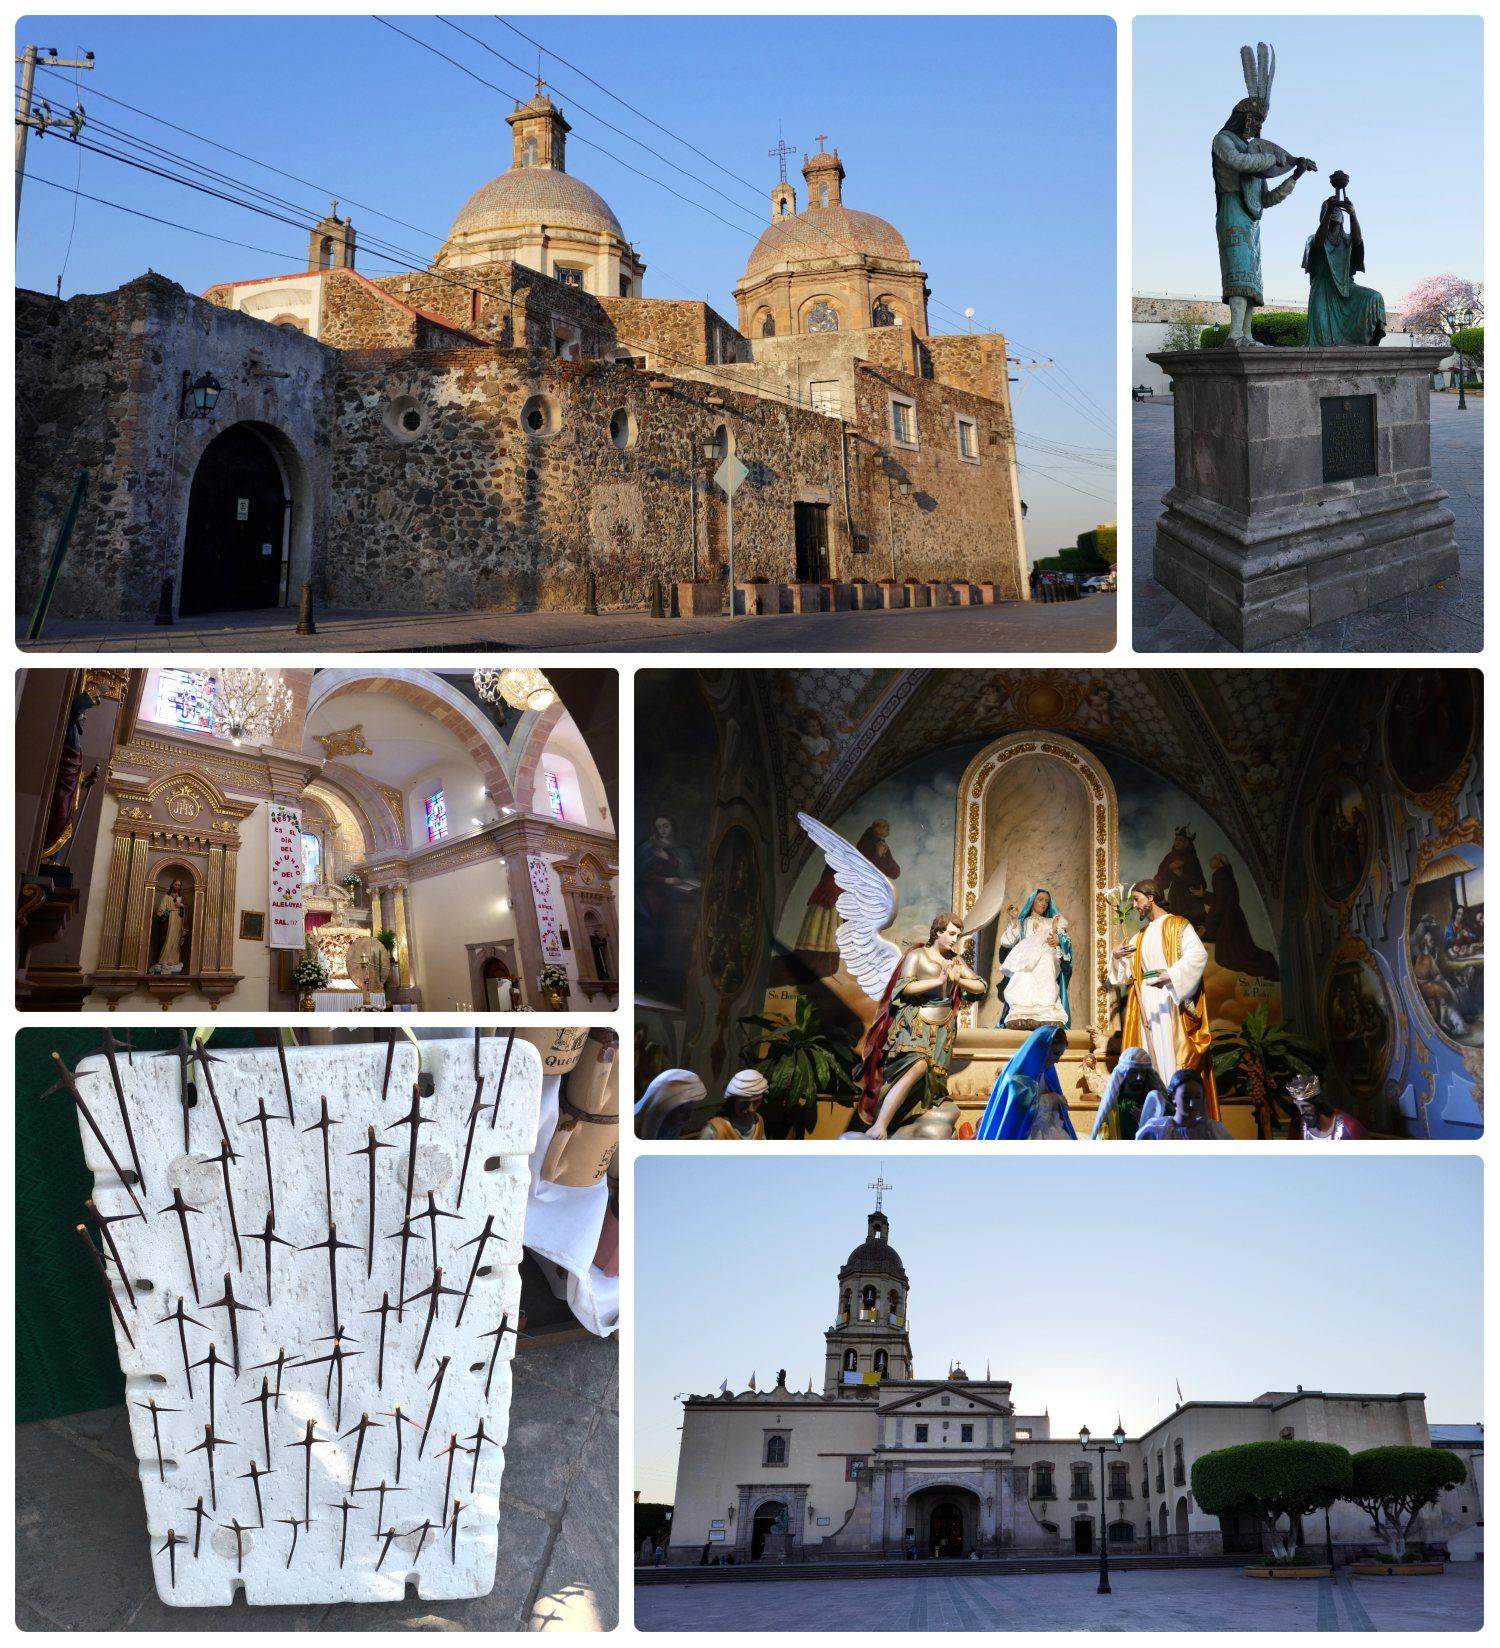 Templo y Convento de la Santa Cruz (Temple and Convent of the Holy Cross) in Santiago de Queretaro, Mexico